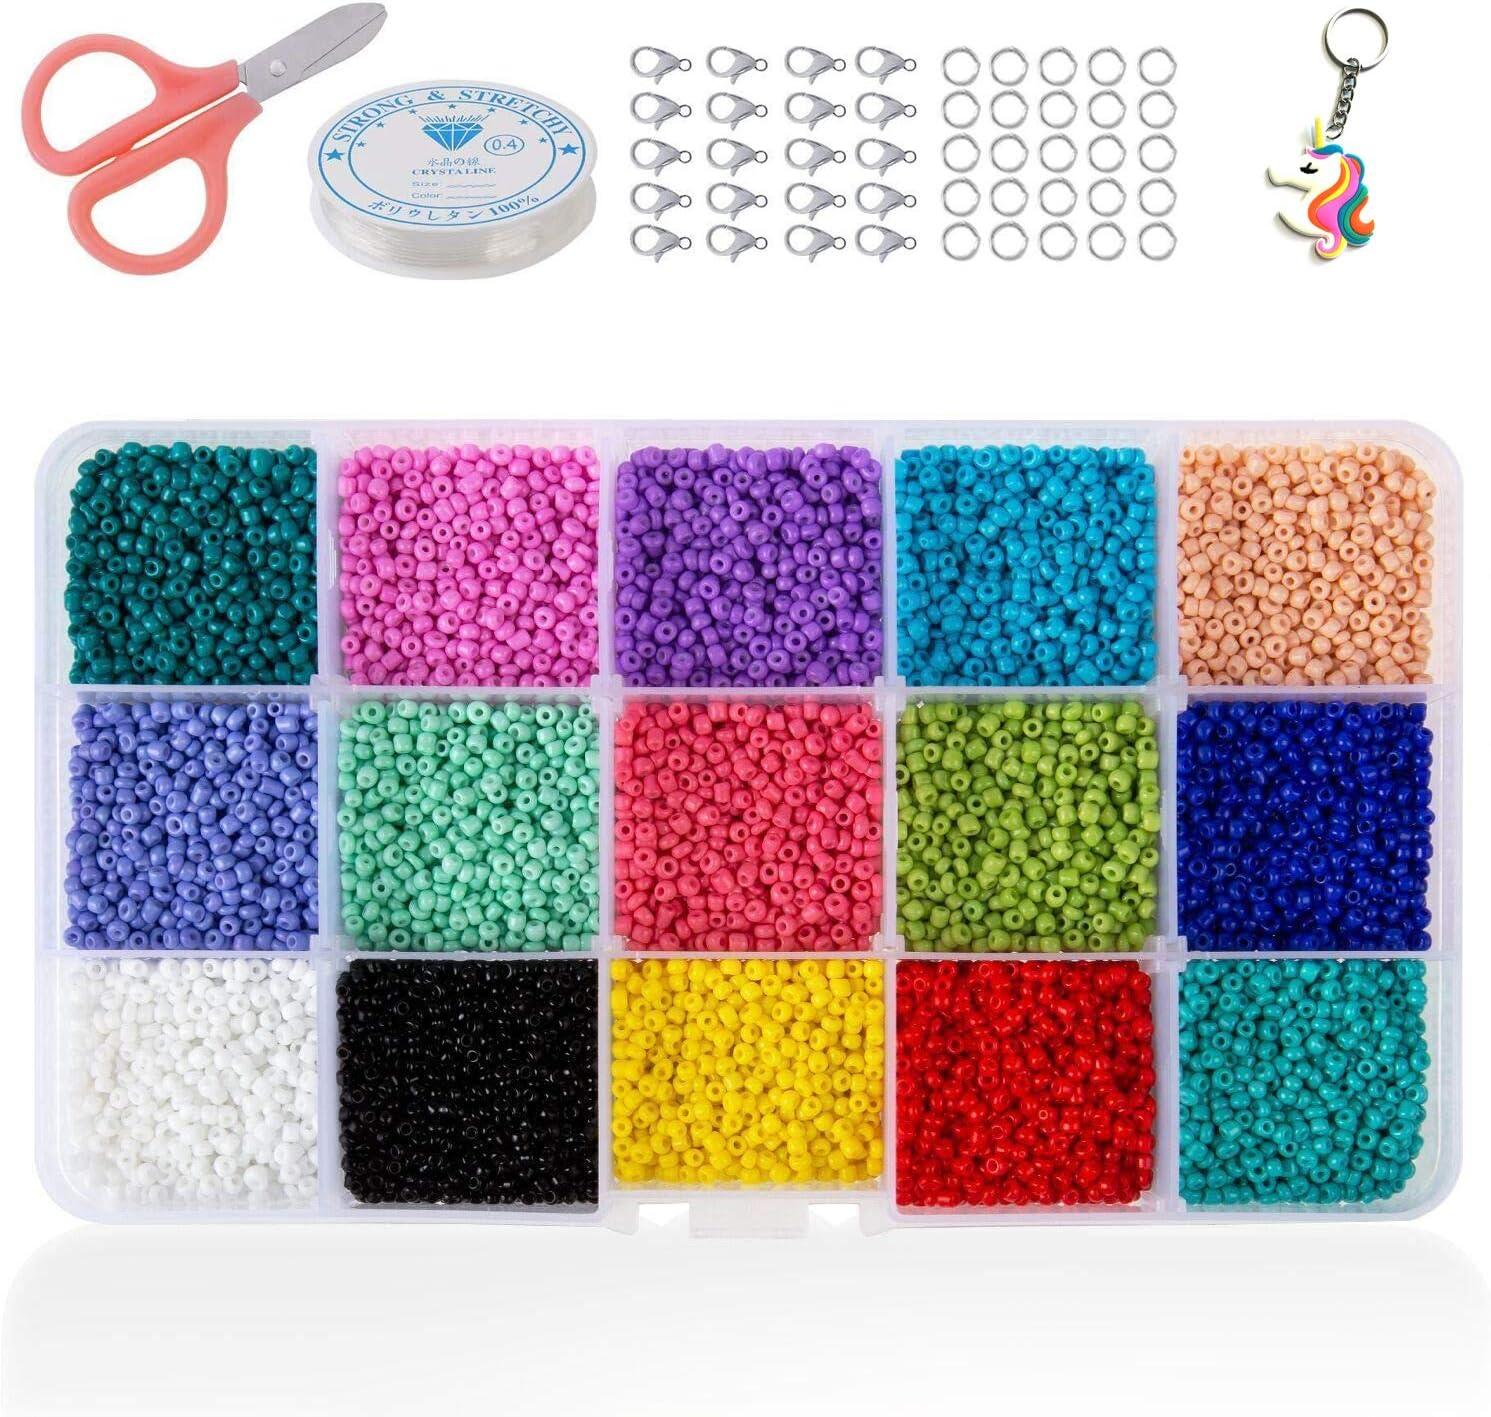 Cuentas de cristal para semillas, pequeñas cuentas de poni, varios colores opacos, para hacer joyas, encontrar arte, manualidades, decoración de bricolaje (15 colores 2mm)